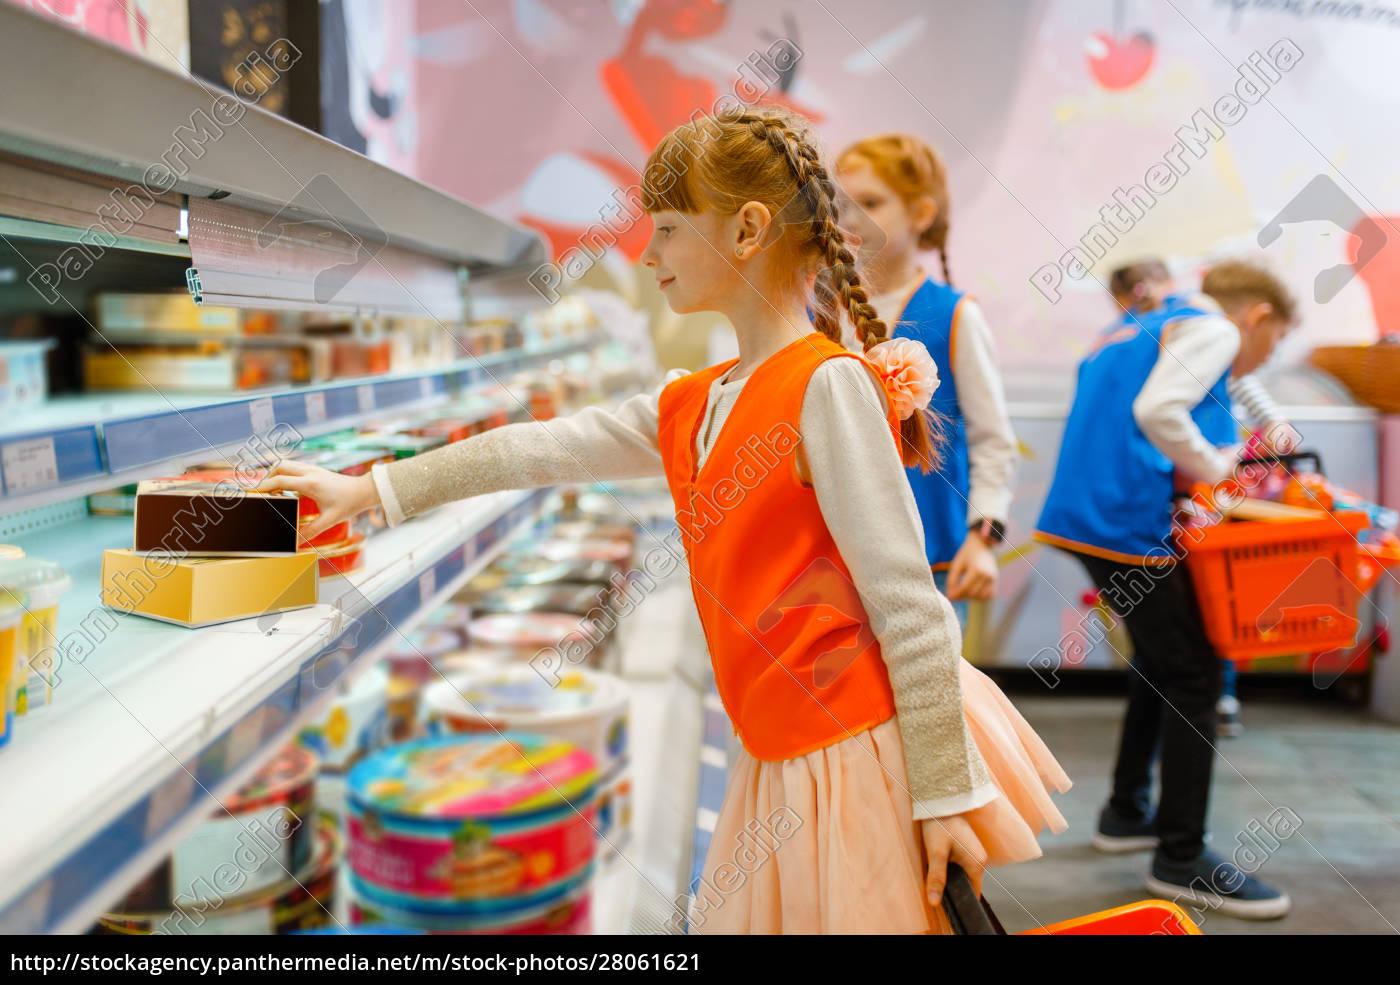 children, in, uniform, playing, saleswomen, , playroom - 28061621